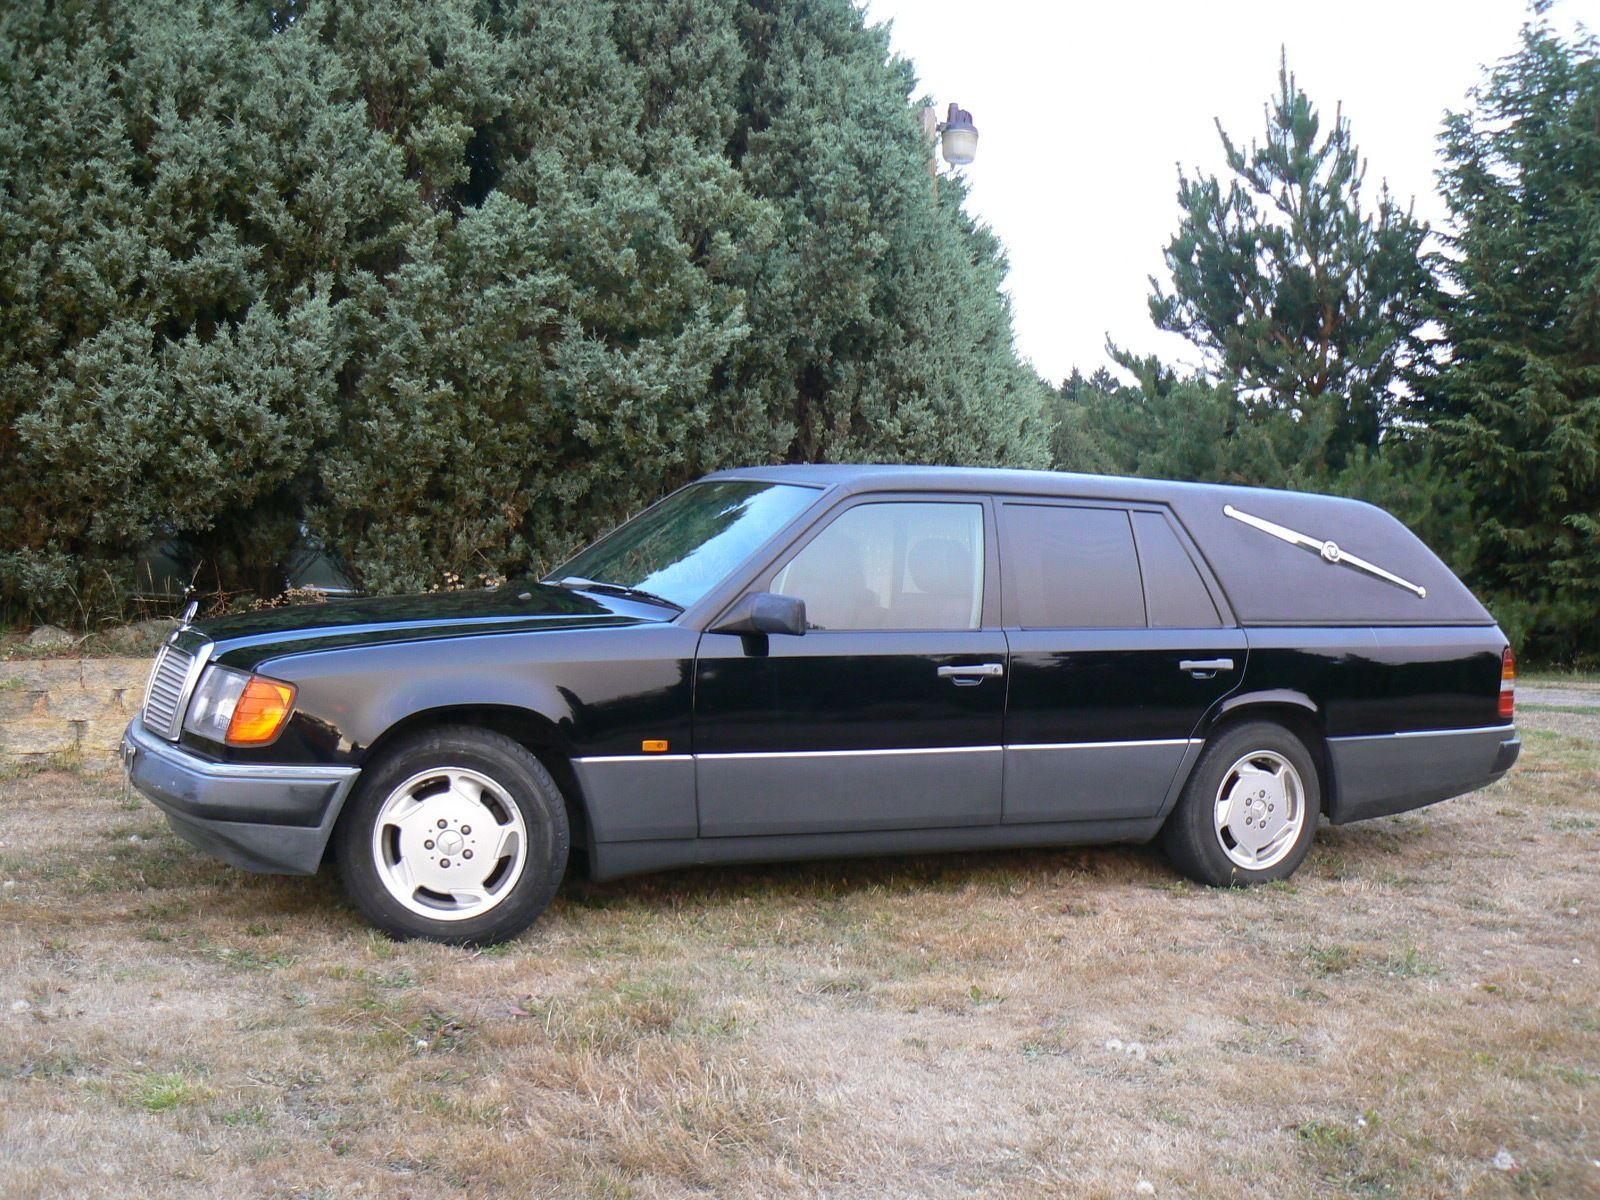 1987 mercedes benz w124 hearse station wagon custom for Mercedes benz station wagon